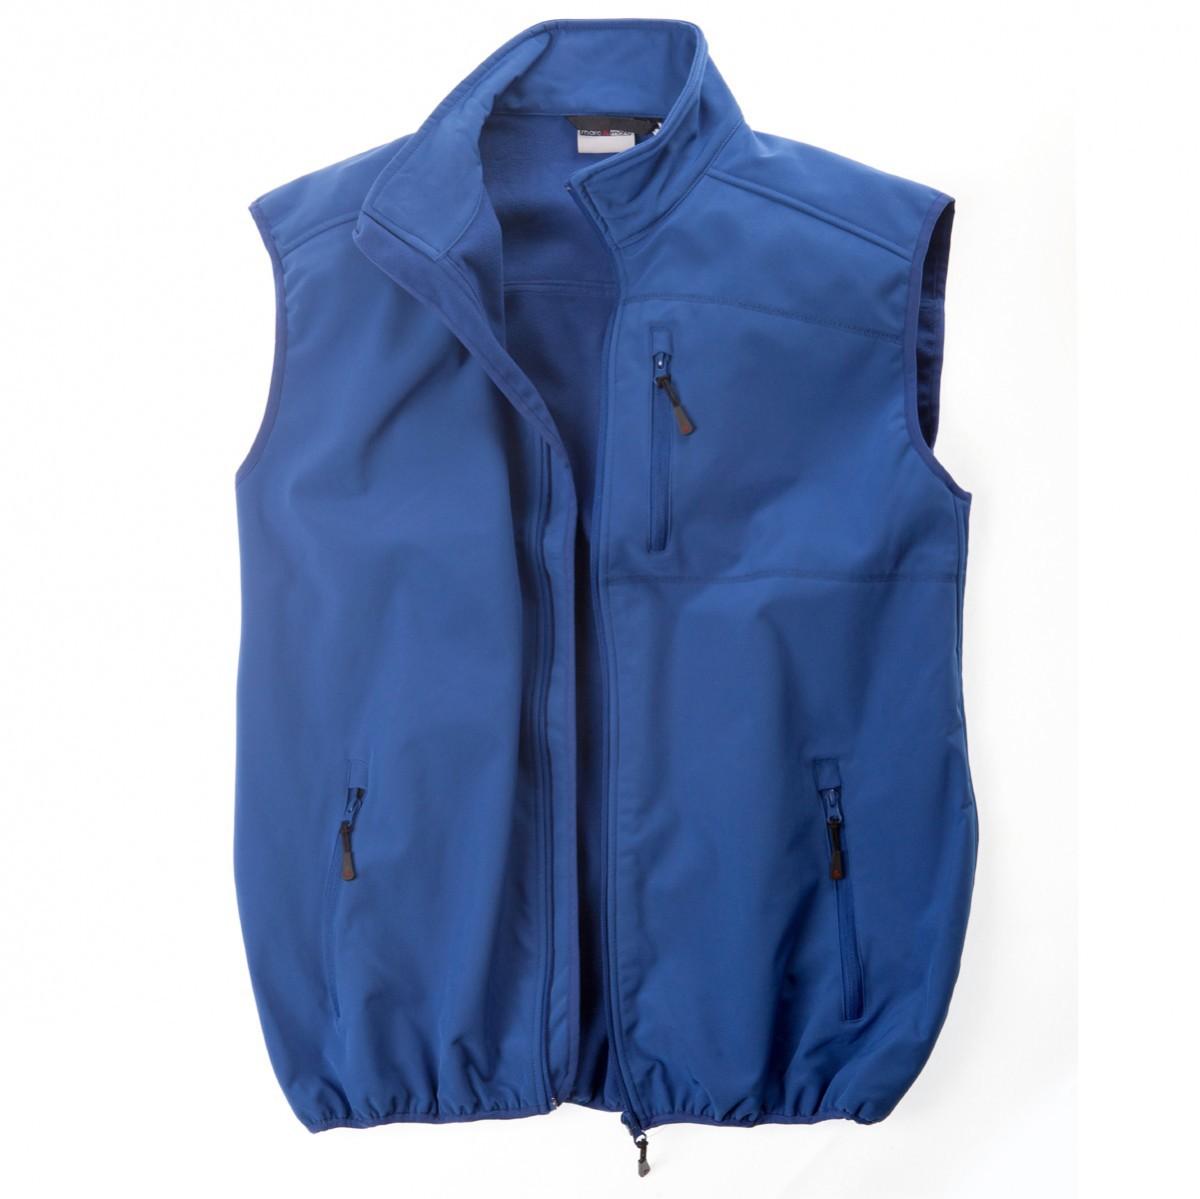 marc mark blaue softshell weste laax wind und wasserdicht bergr e. Black Bedroom Furniture Sets. Home Design Ideas